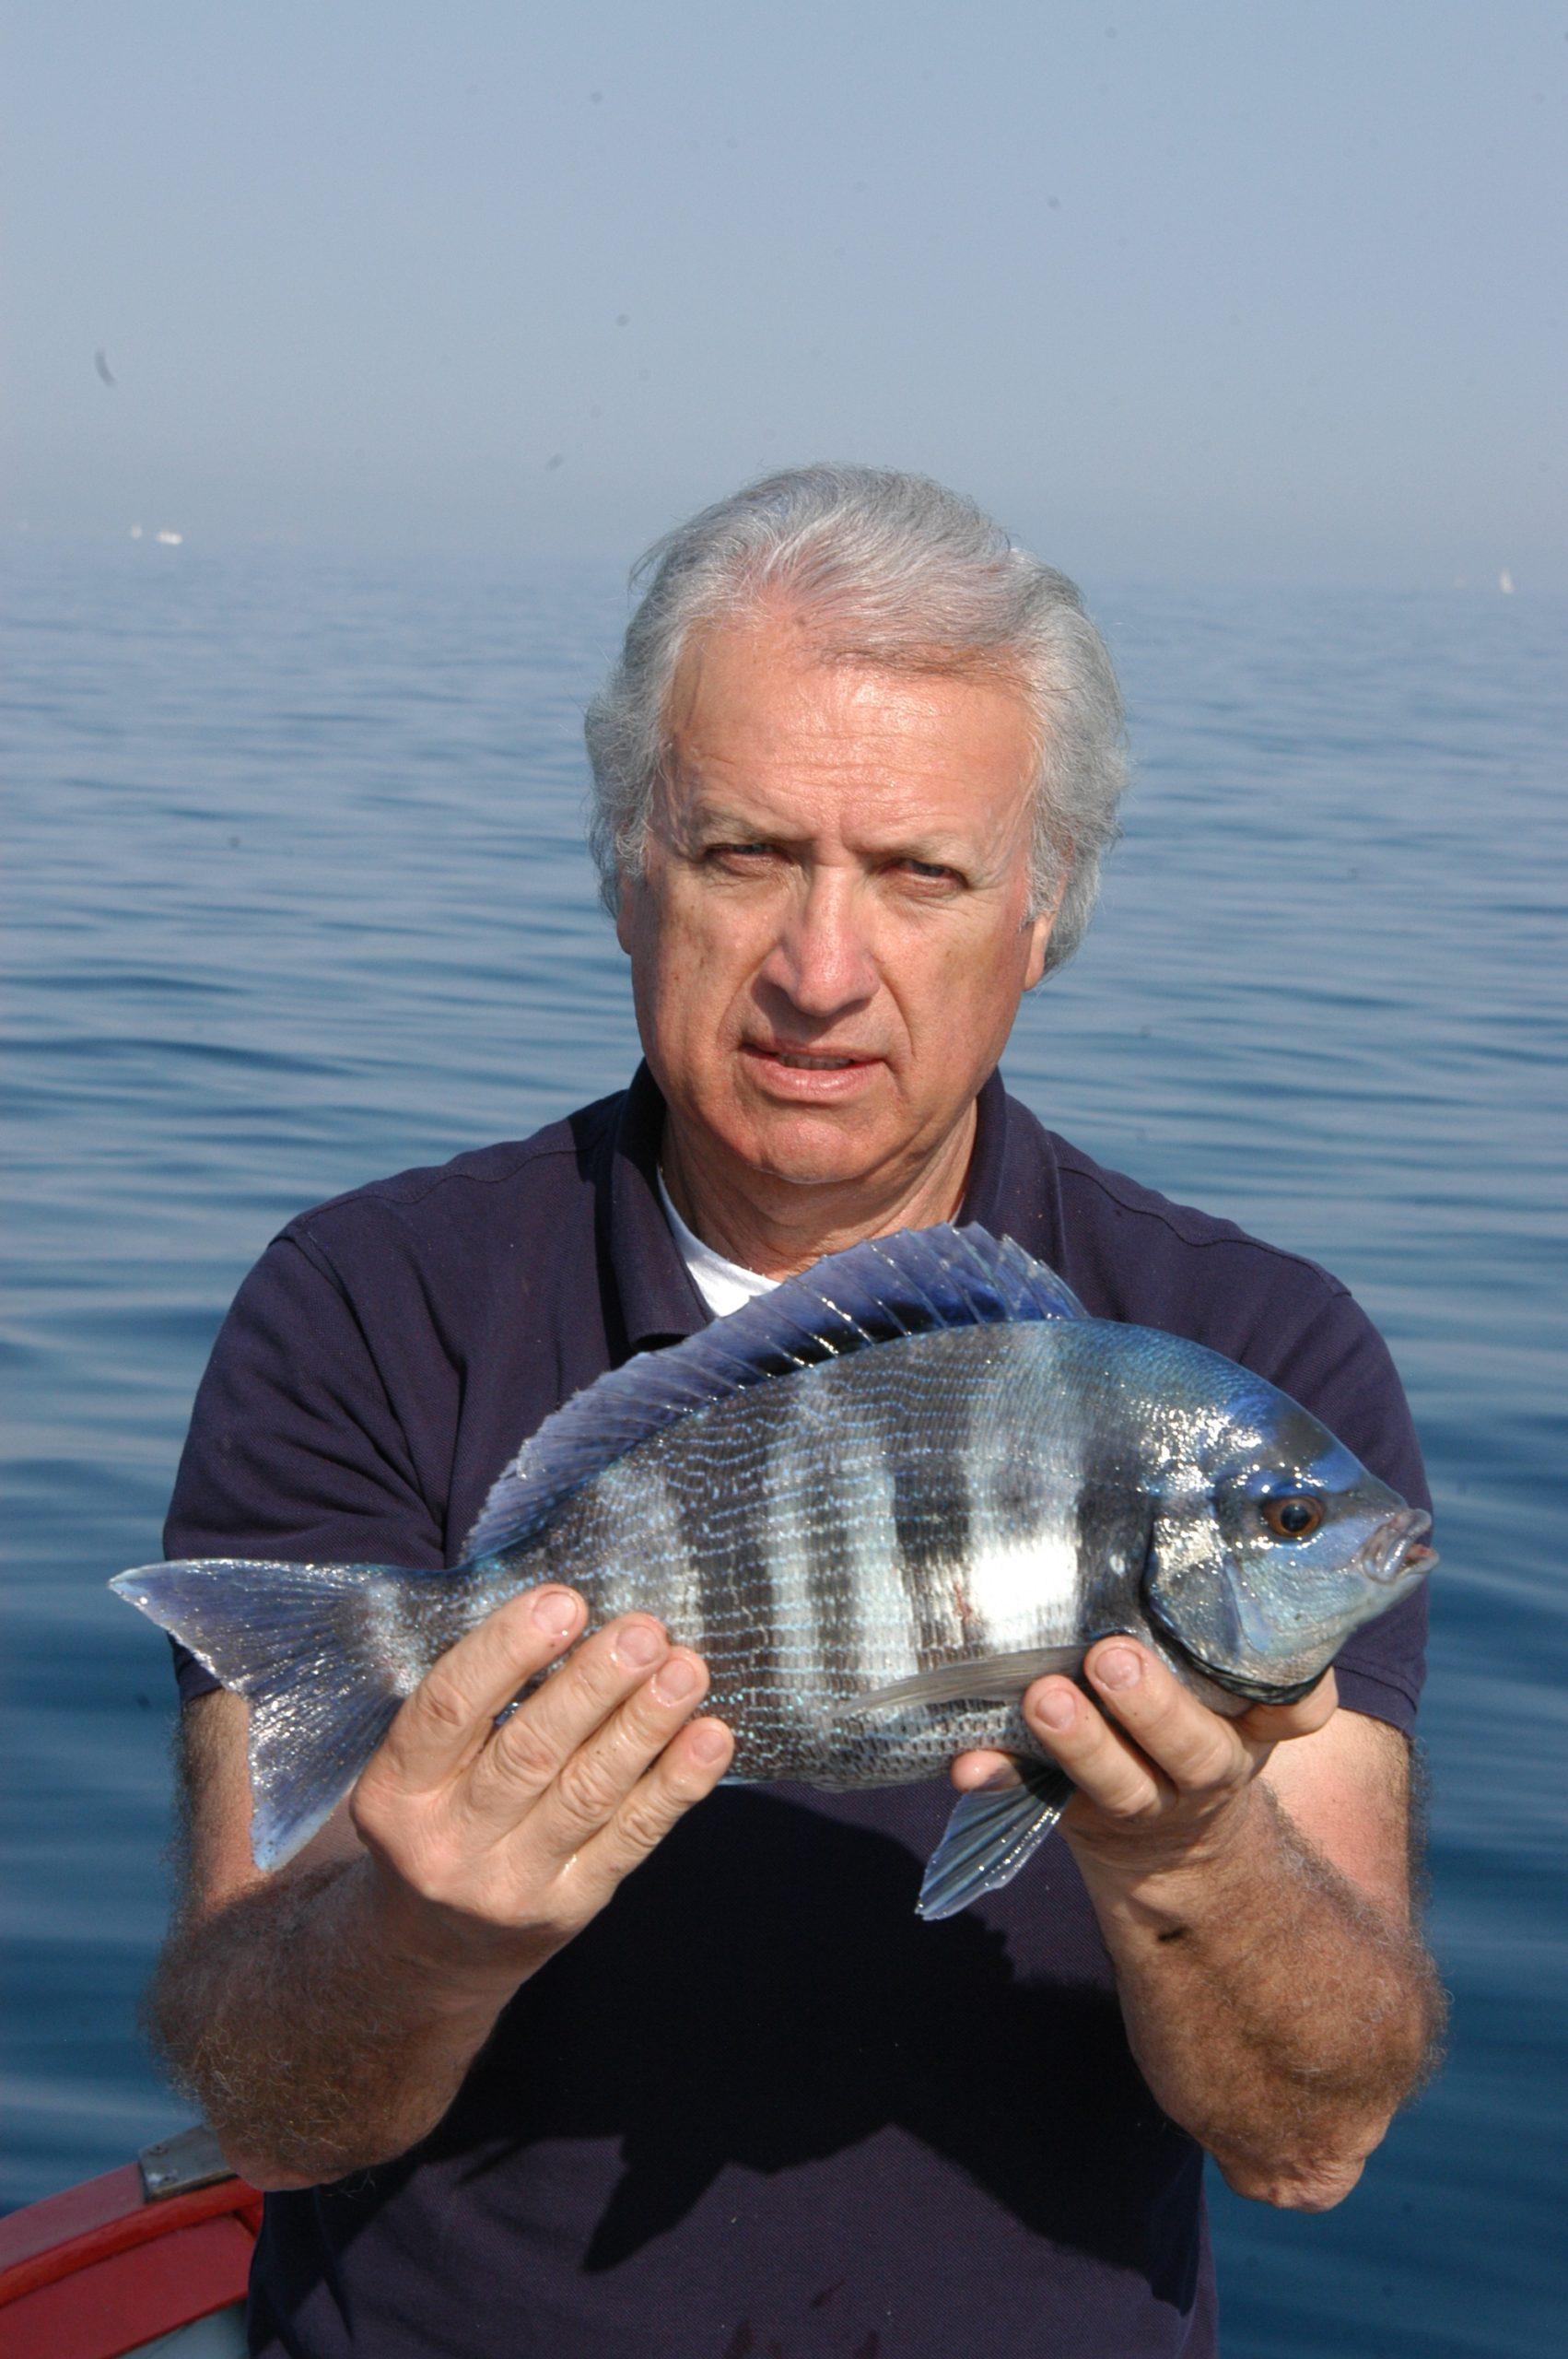 La pesca in mare la mia passione